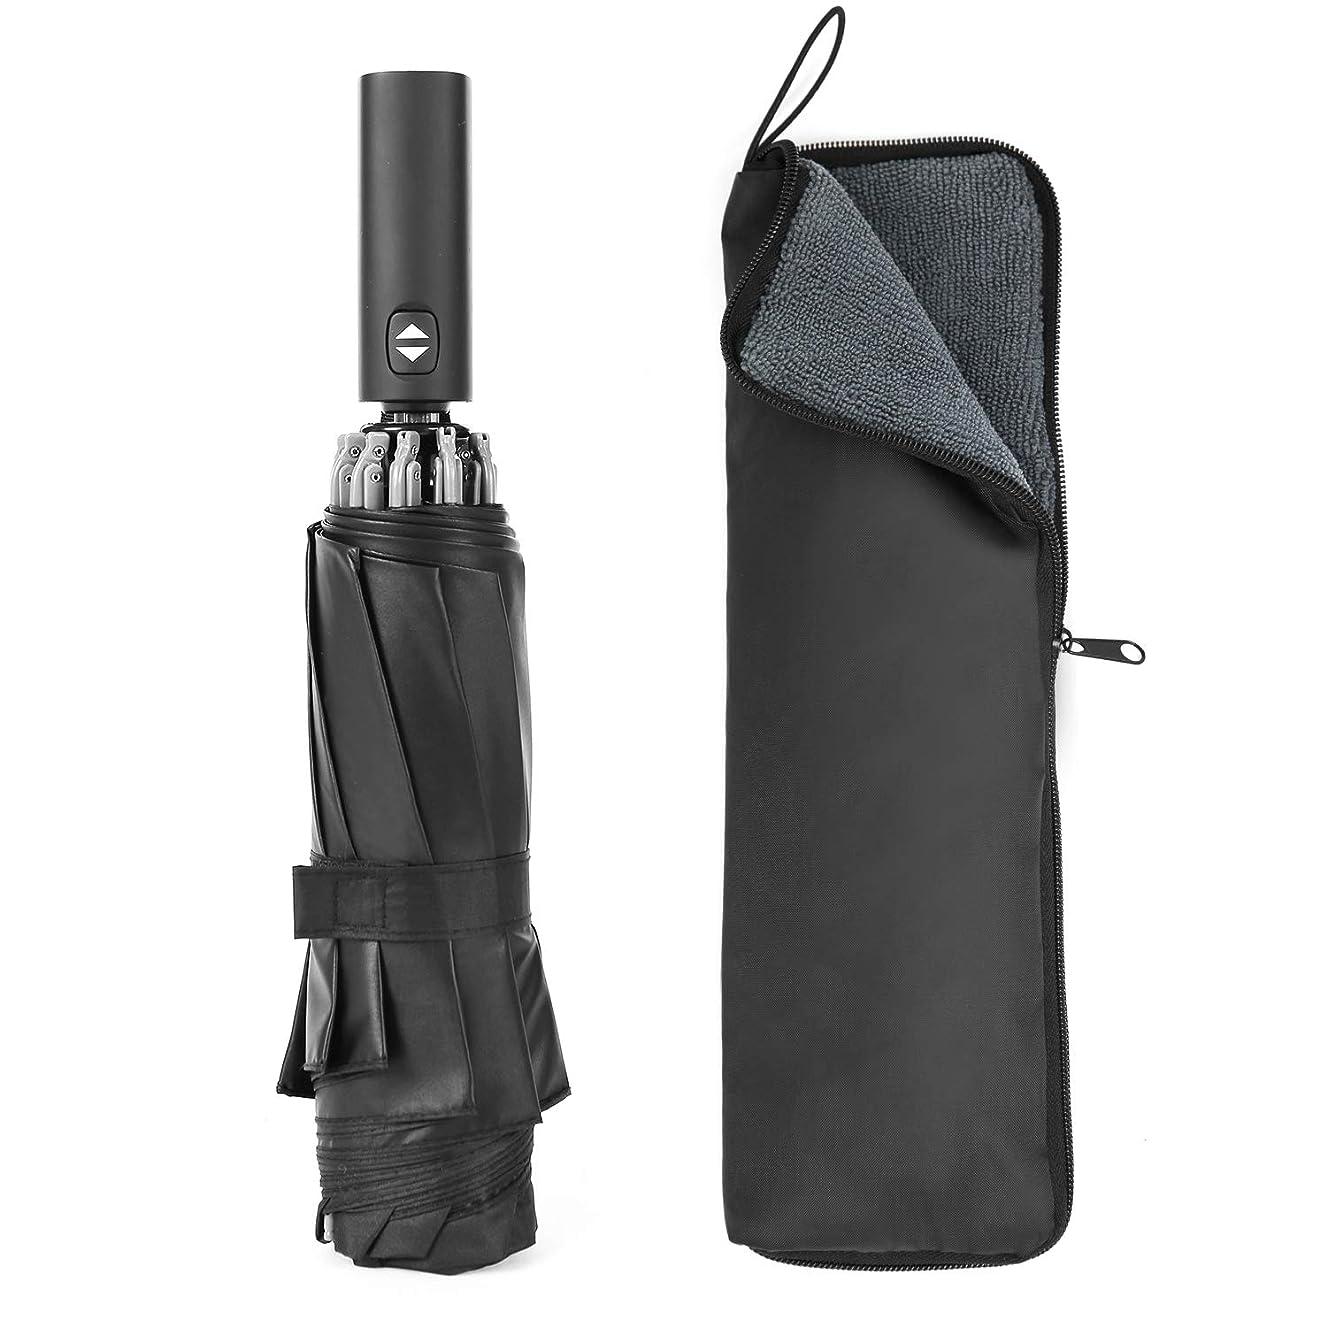 匹敵します責任者部屋を掃除するCexxy 折りたたみ傘 自動開閉 晴雨兼用 大きい 軽量 コンパクト 耐風 丈夫な10本骨 UVカット 梅雨対策 超撥水 持ち運び アウトドア メンズ 収納ケース付き(ブッラク)